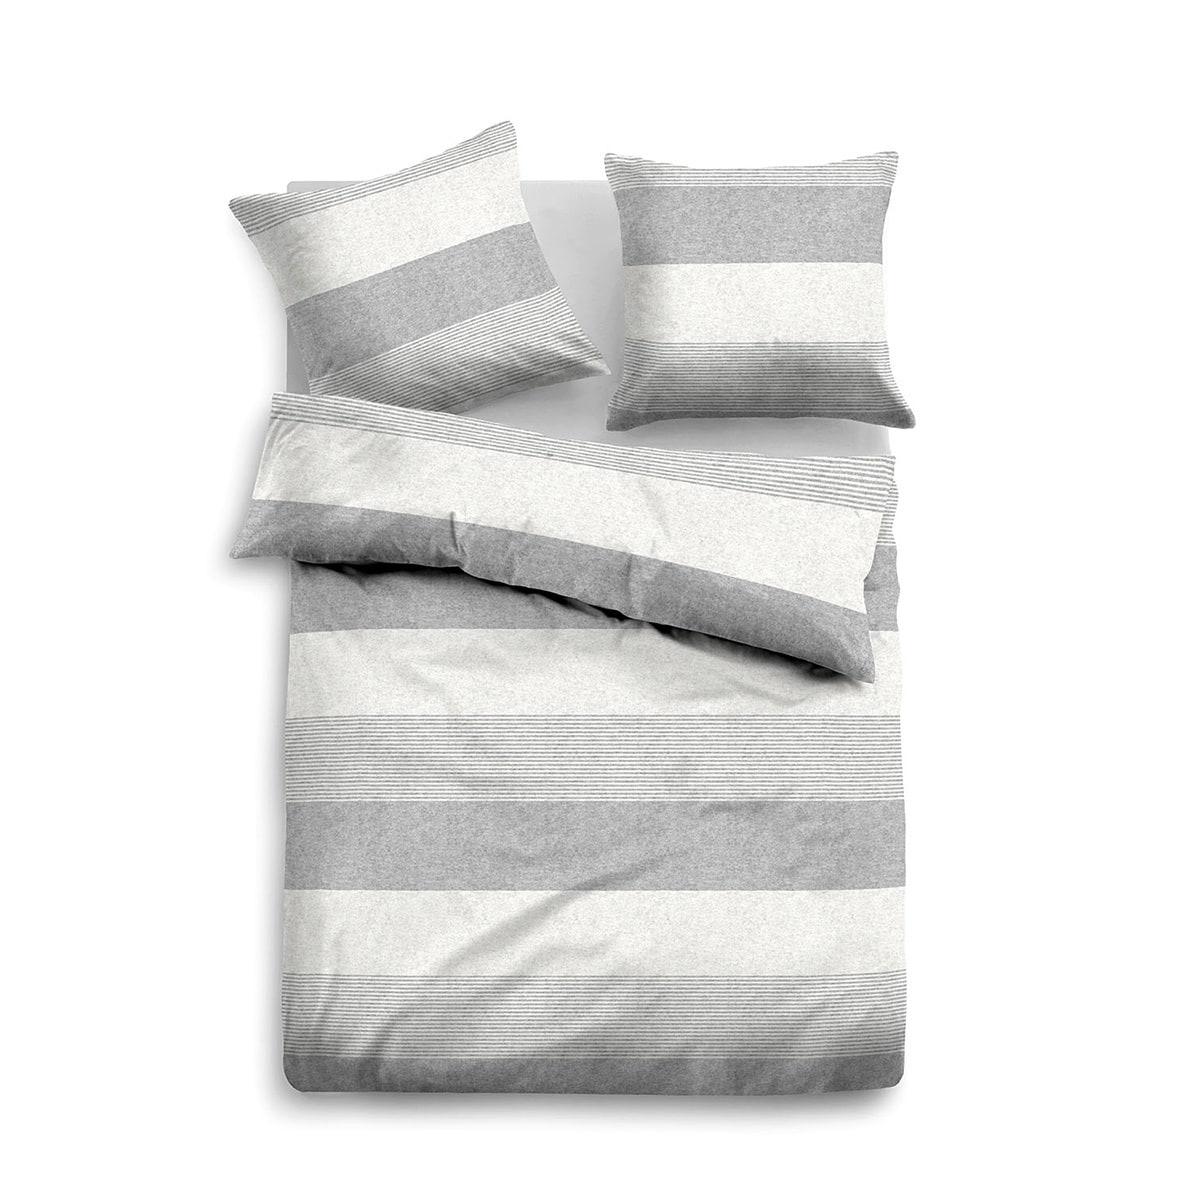 tom tailor melange flanell bettw sche 849790 844 g nstig online kaufen bei bettwaren shop. Black Bedroom Furniture Sets. Home Design Ideas